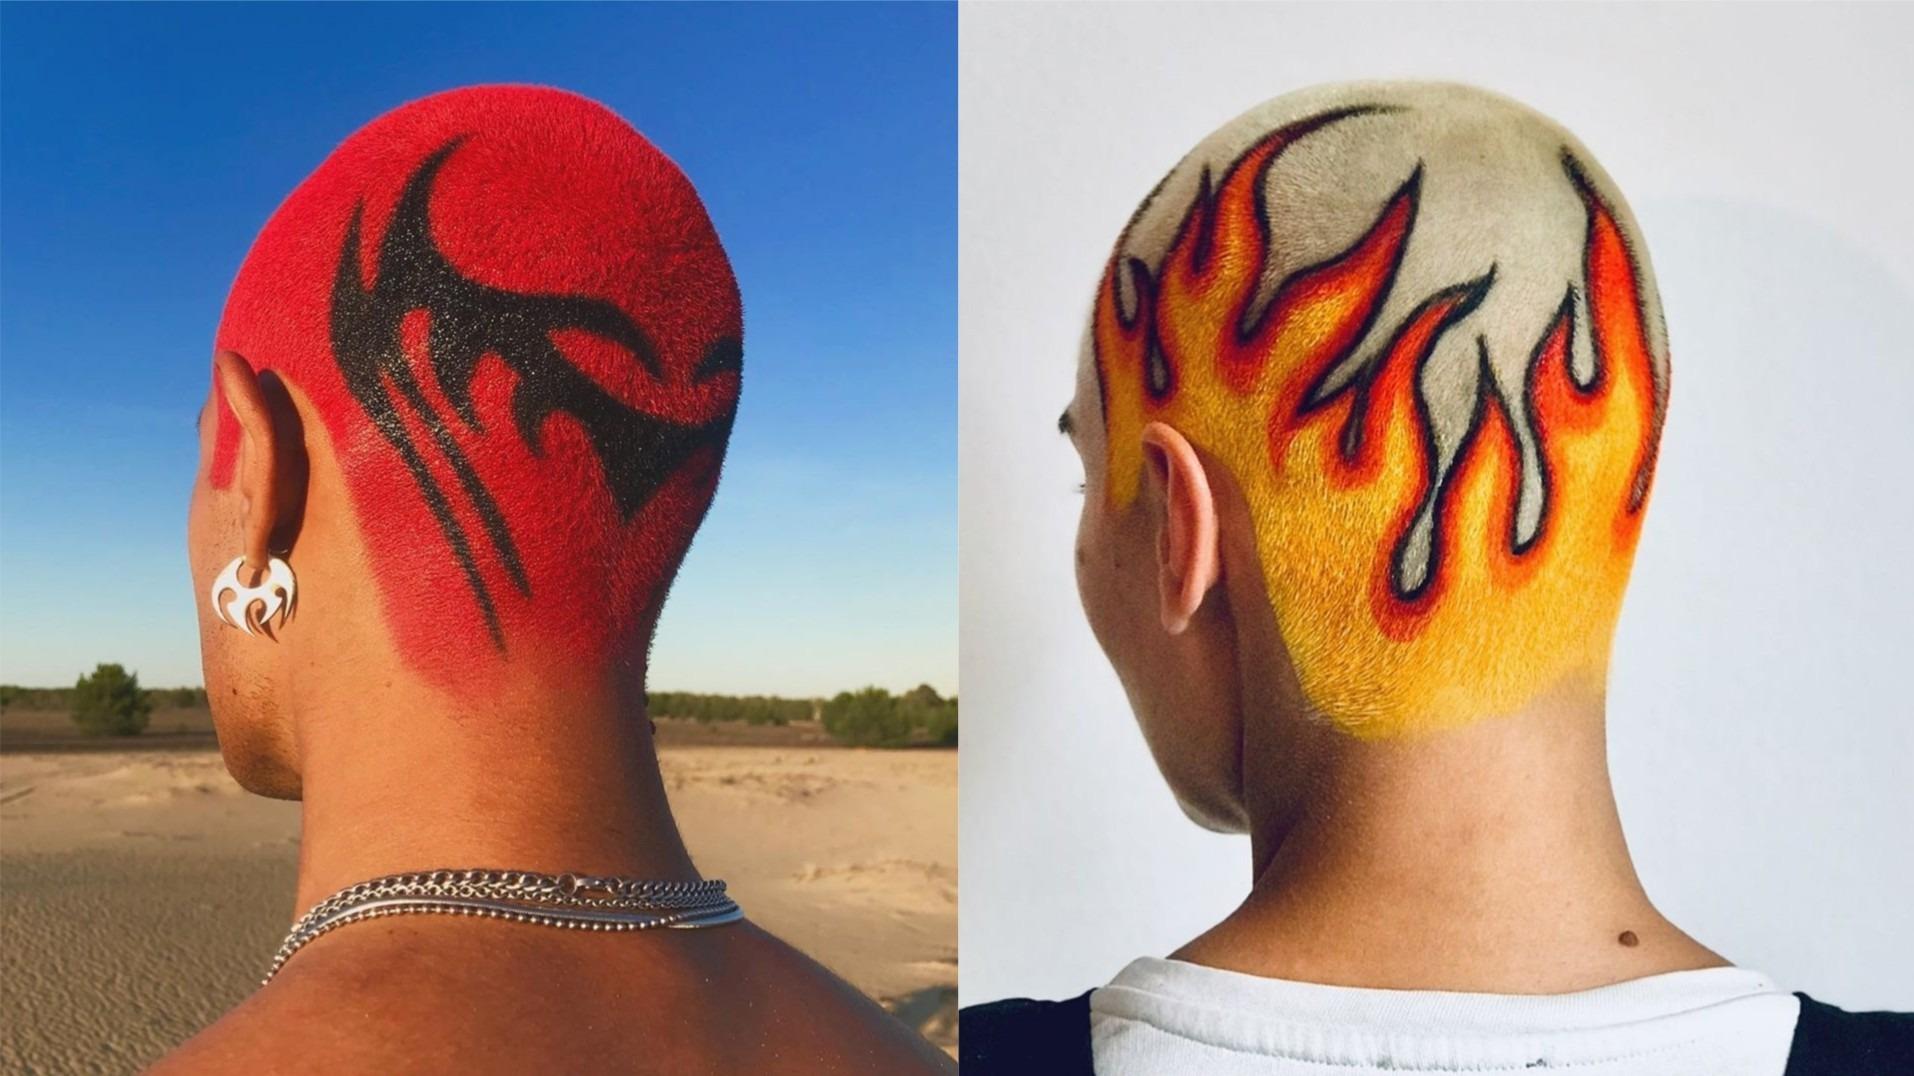 Conoce a Janina Zais, la artista y hair stylist alemana que crea diseños radicales y virales en el cabello